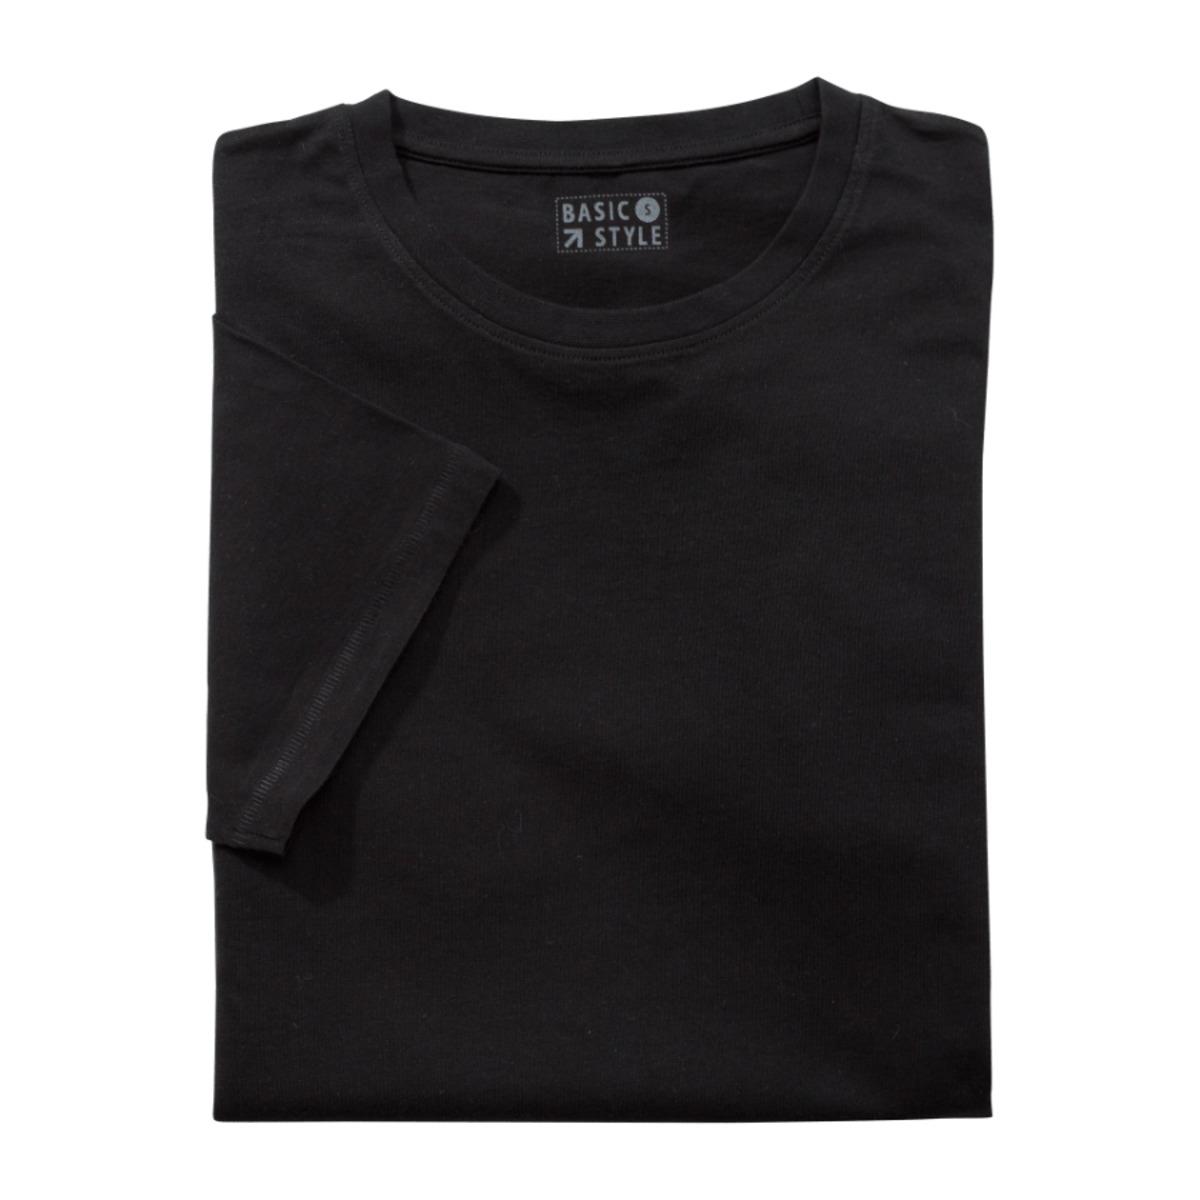 Bild 4 von STRAIGHT UP     T-Shirt Basic-Style